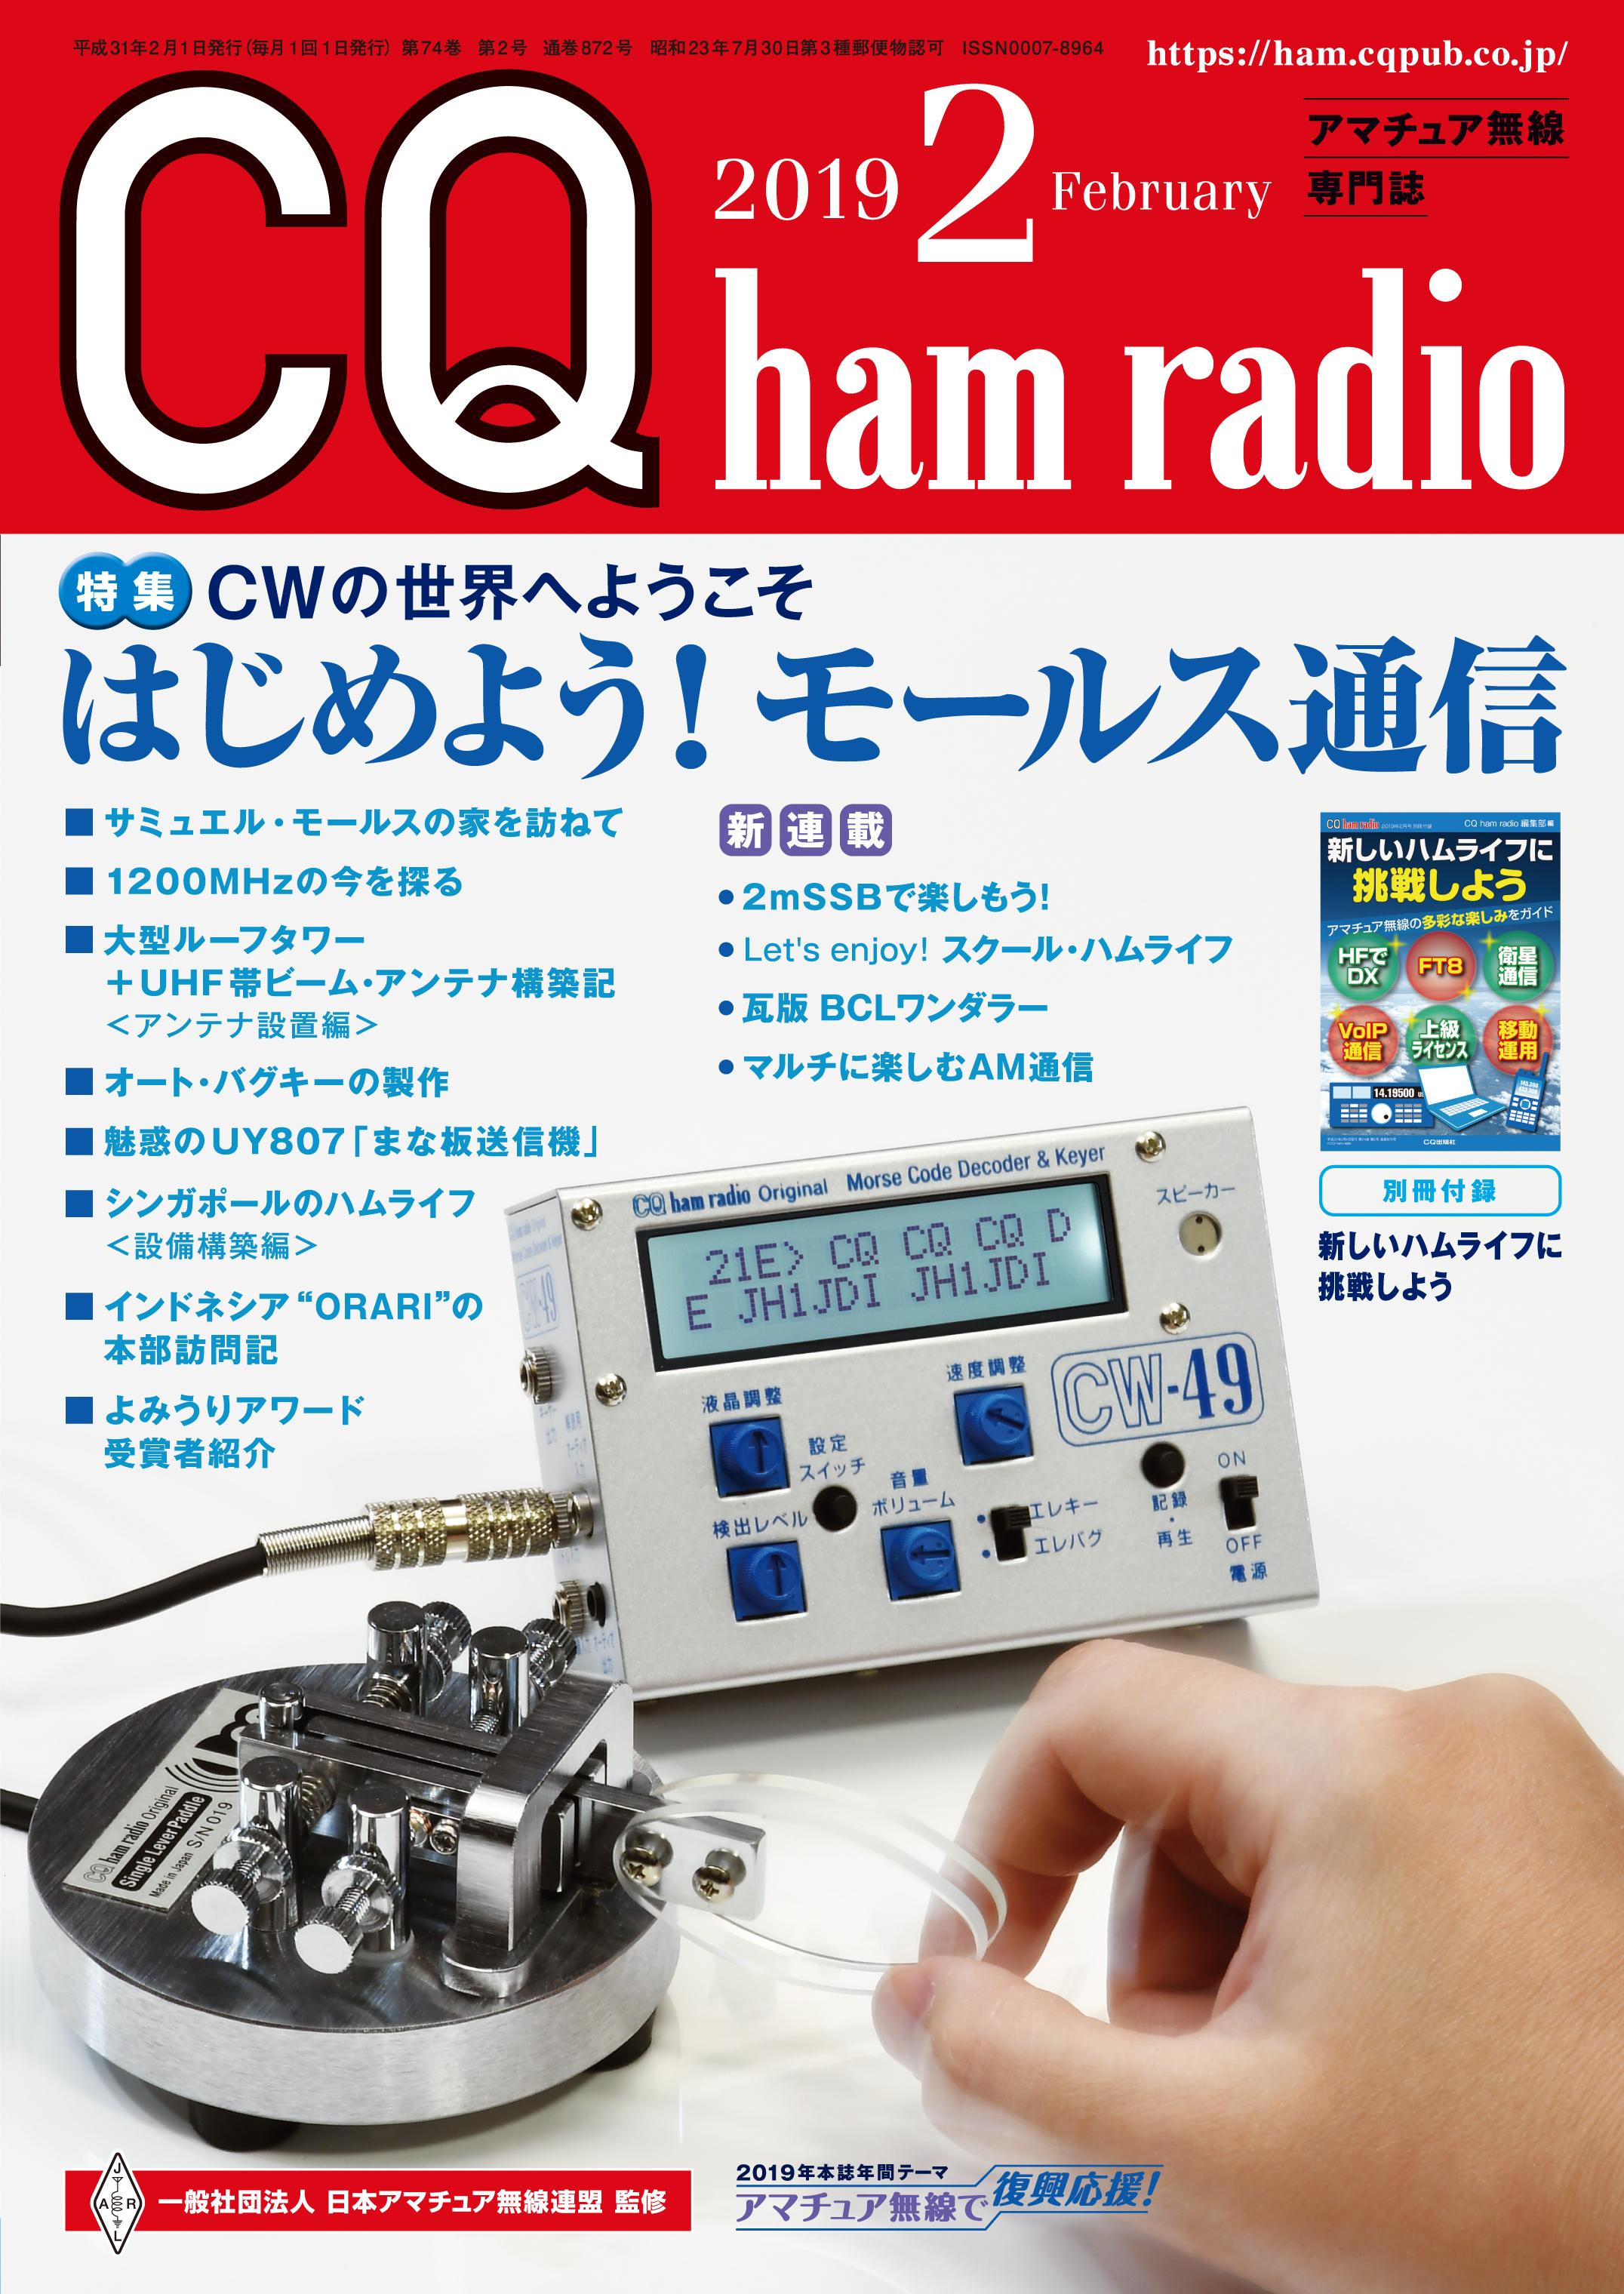 CQ ham radio 2019年2月号